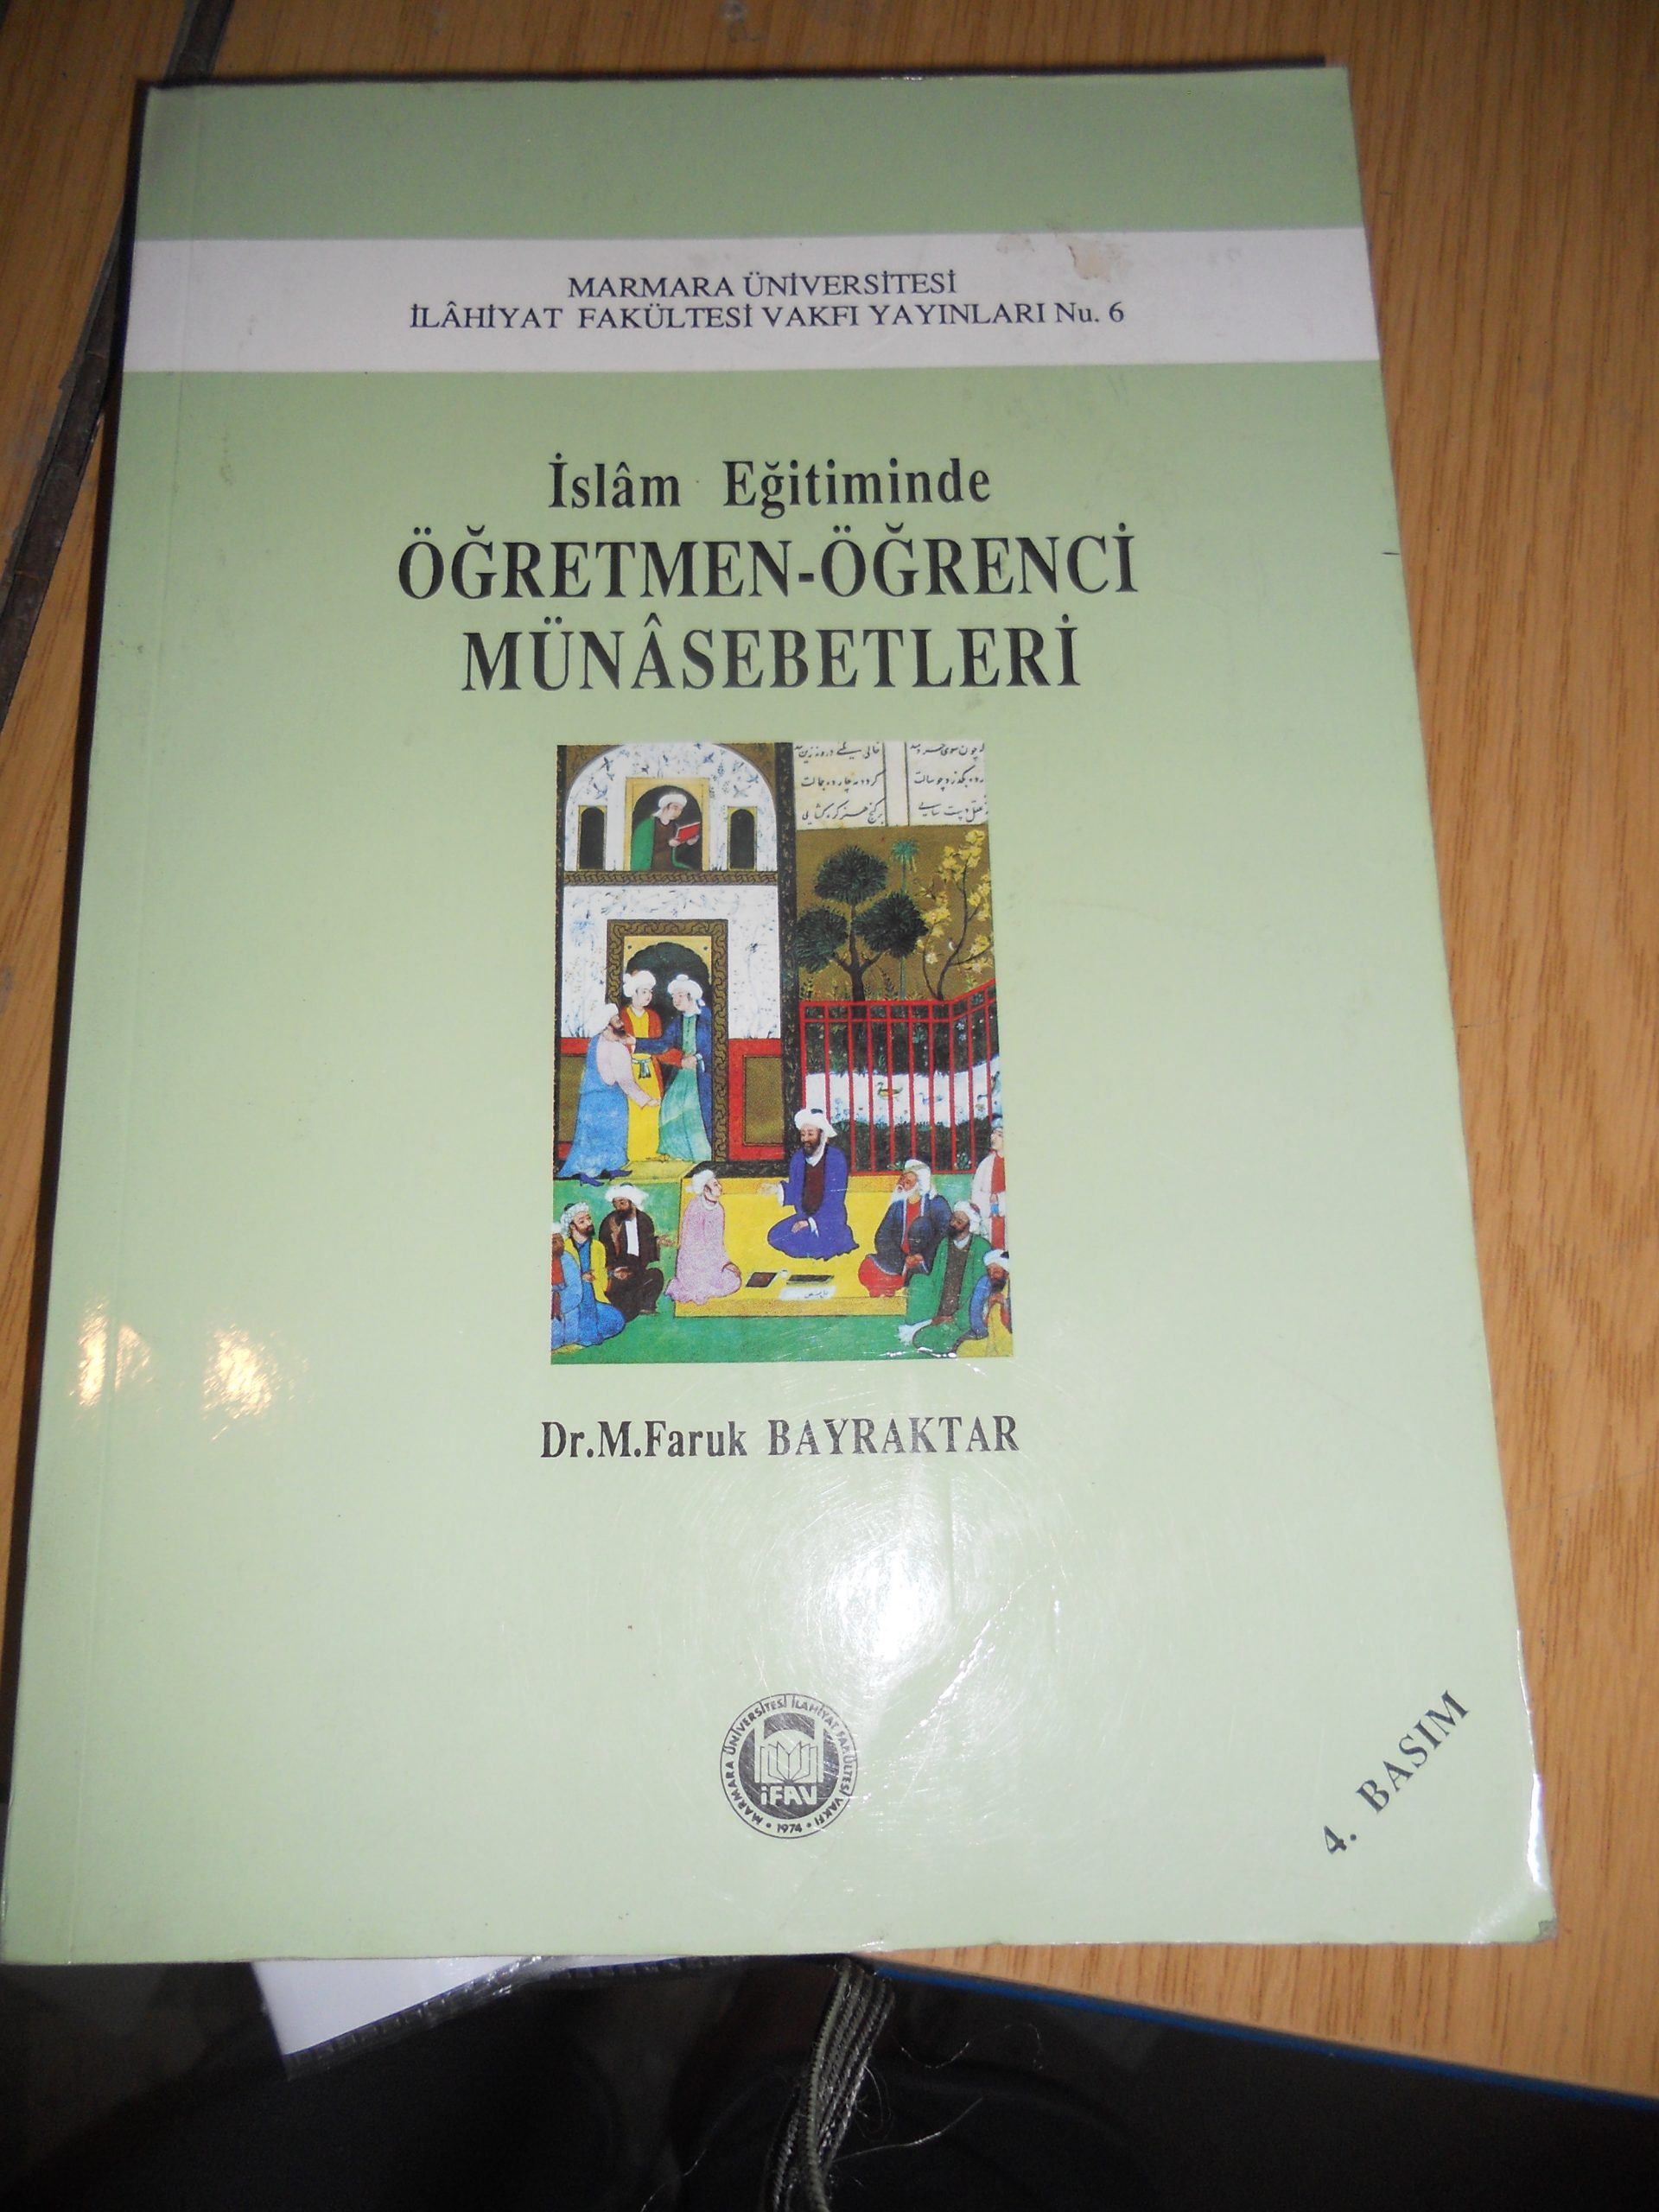 İslam Eğitiminde ÖĞRETMEN-ÖĞRENCİ MÜNASEBETLERİ/Dr.M.Faruk BAYRAKTAR/ 25TL